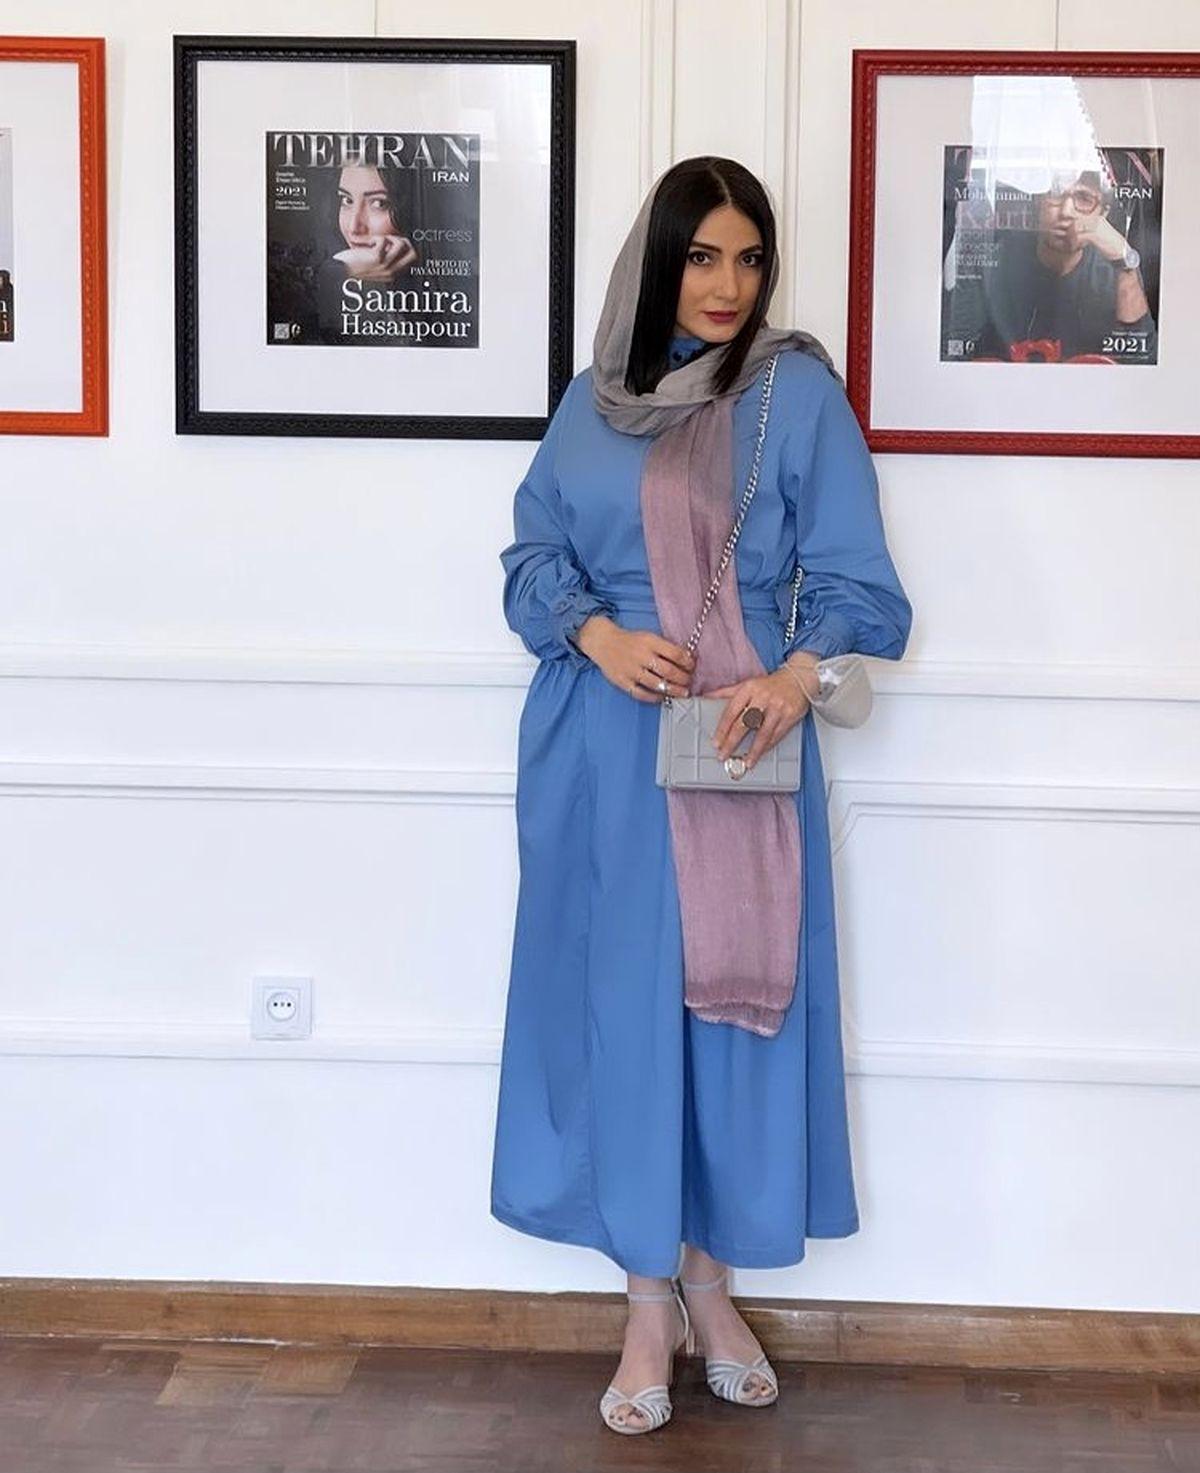 سمیرا حسن پور در یک گالری عکاسی + عکس